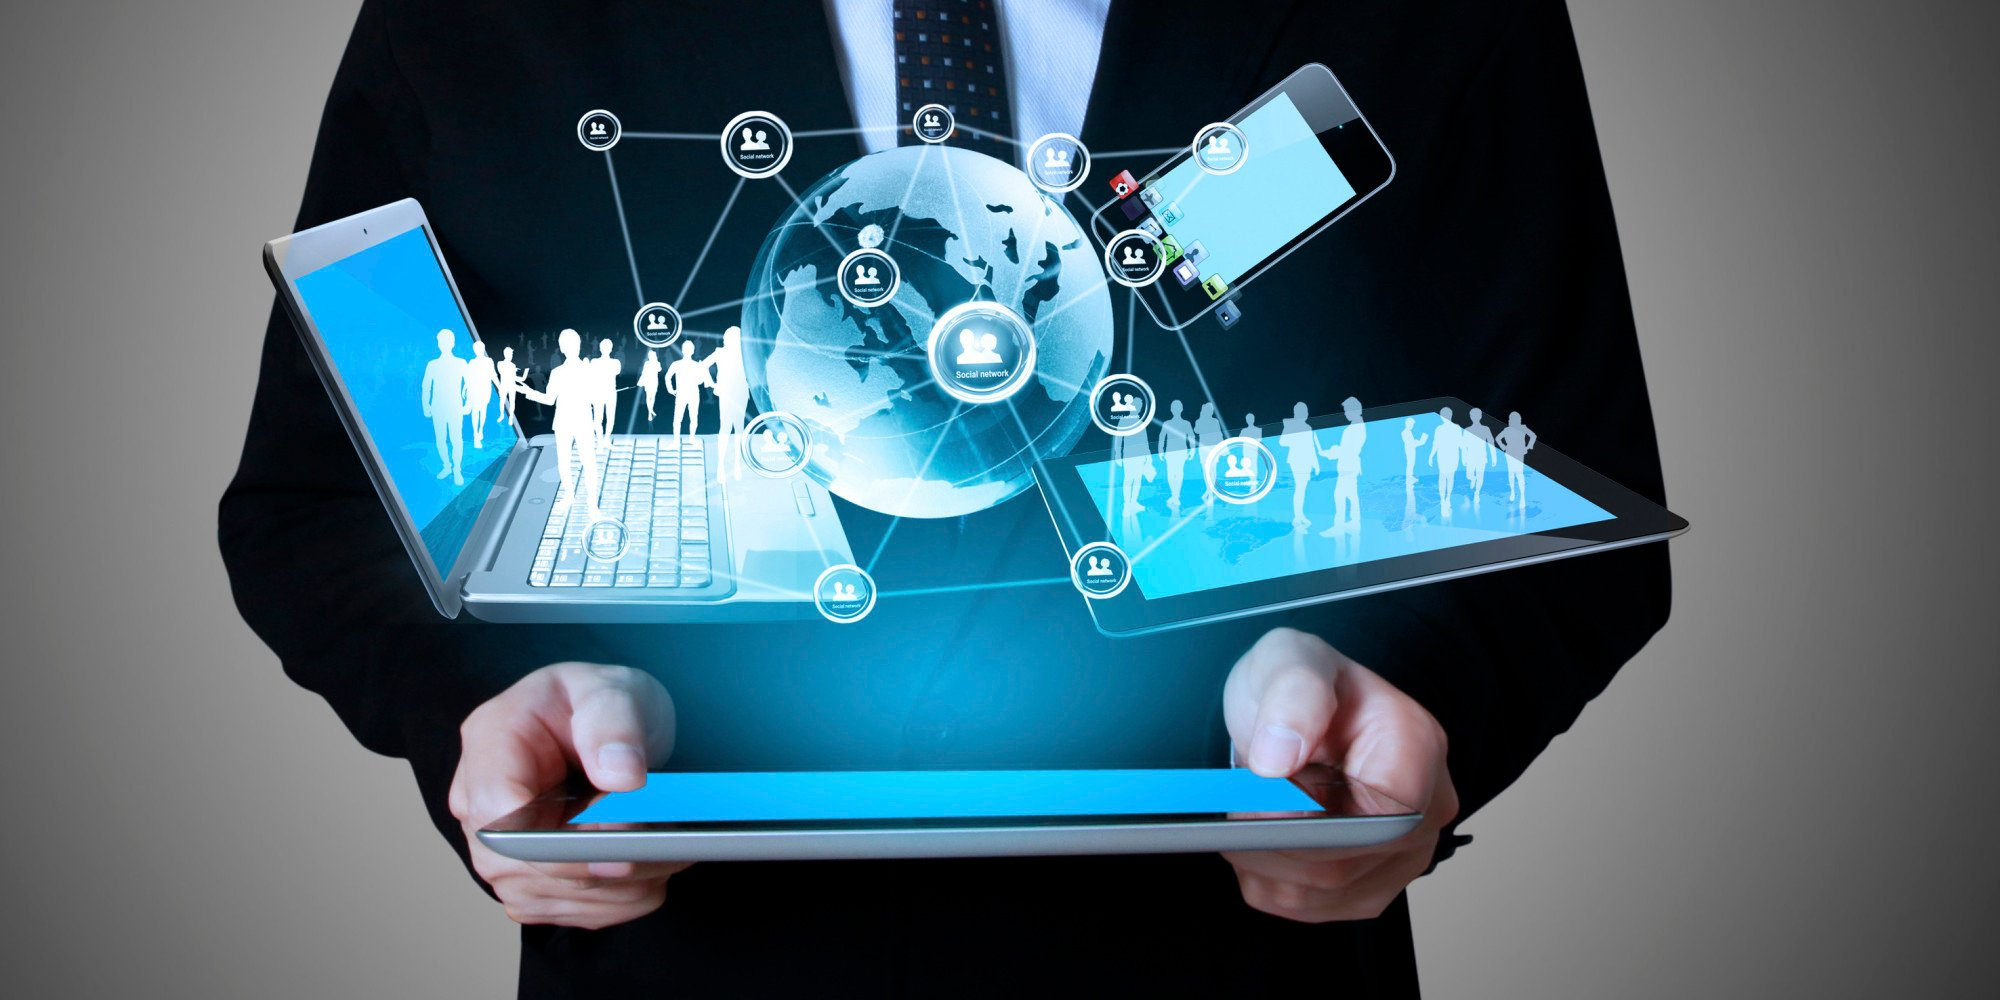 نتیجه تصویری برای اقتصاد دیجیتال + تابناک